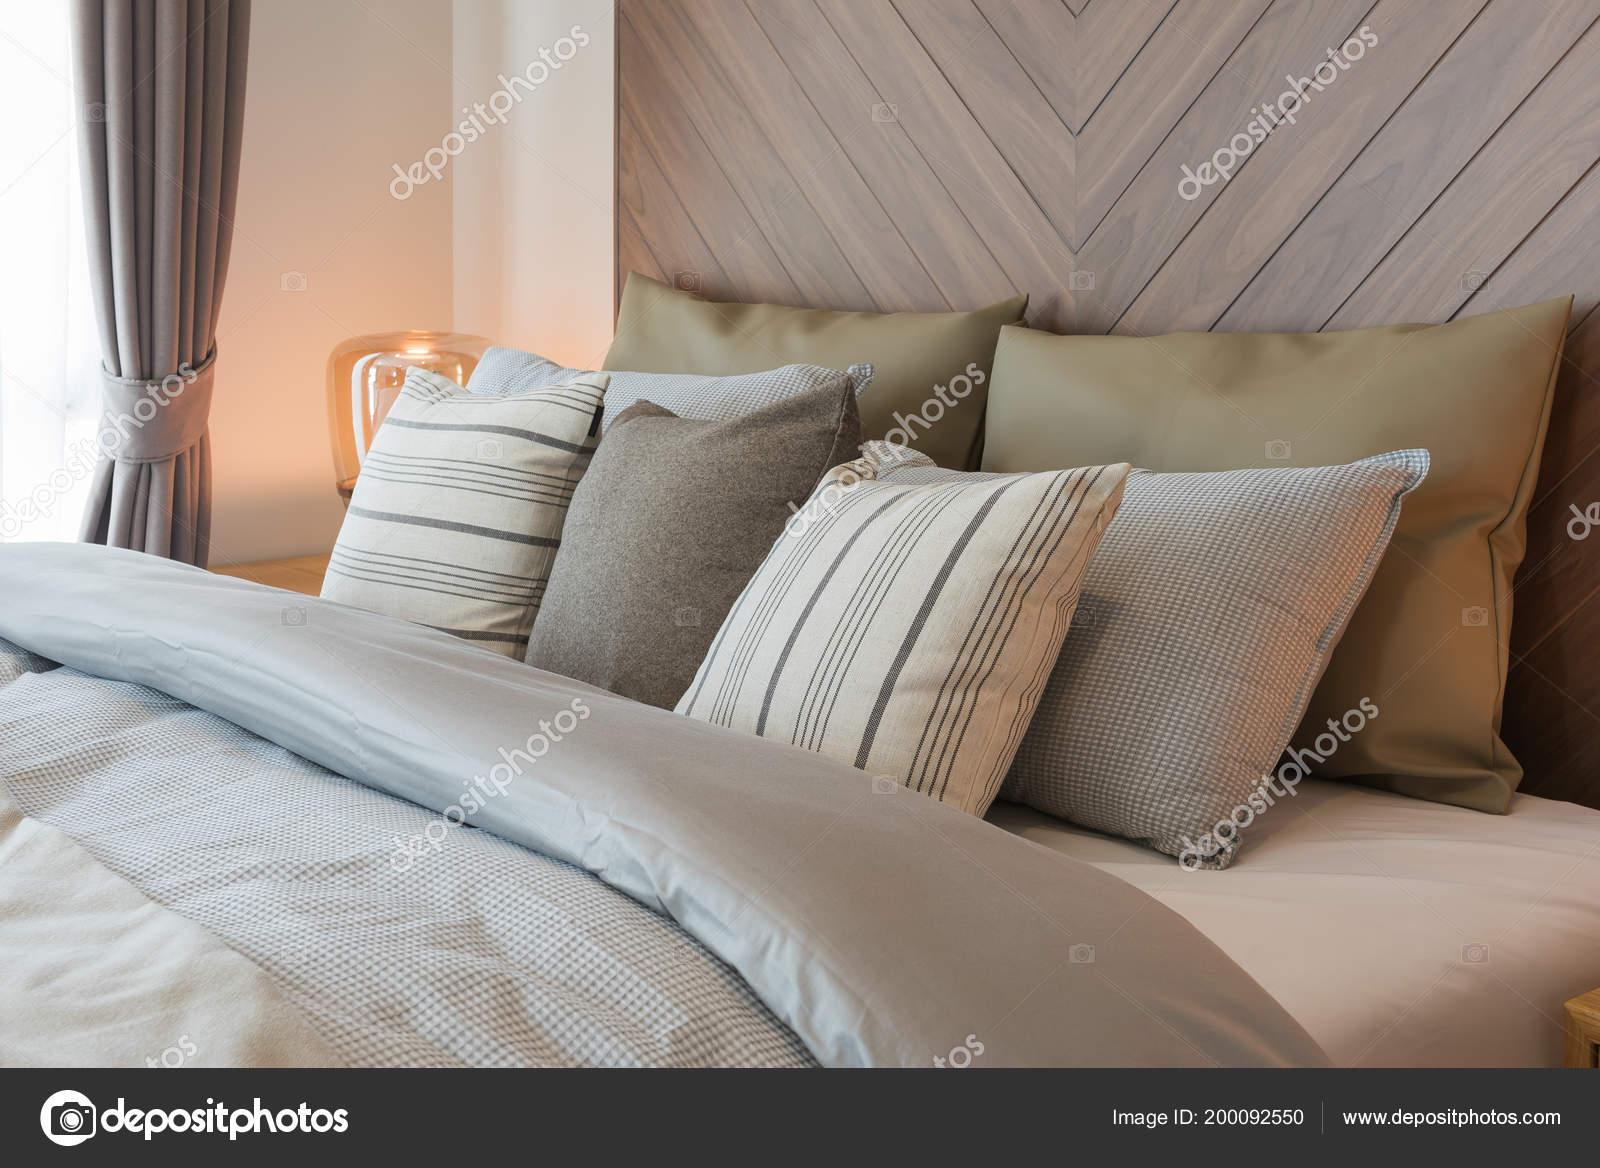 Houten Muurdecoratie Slaapkamer : Set van kussens bed met houten wanddecoratie klassieke stijl